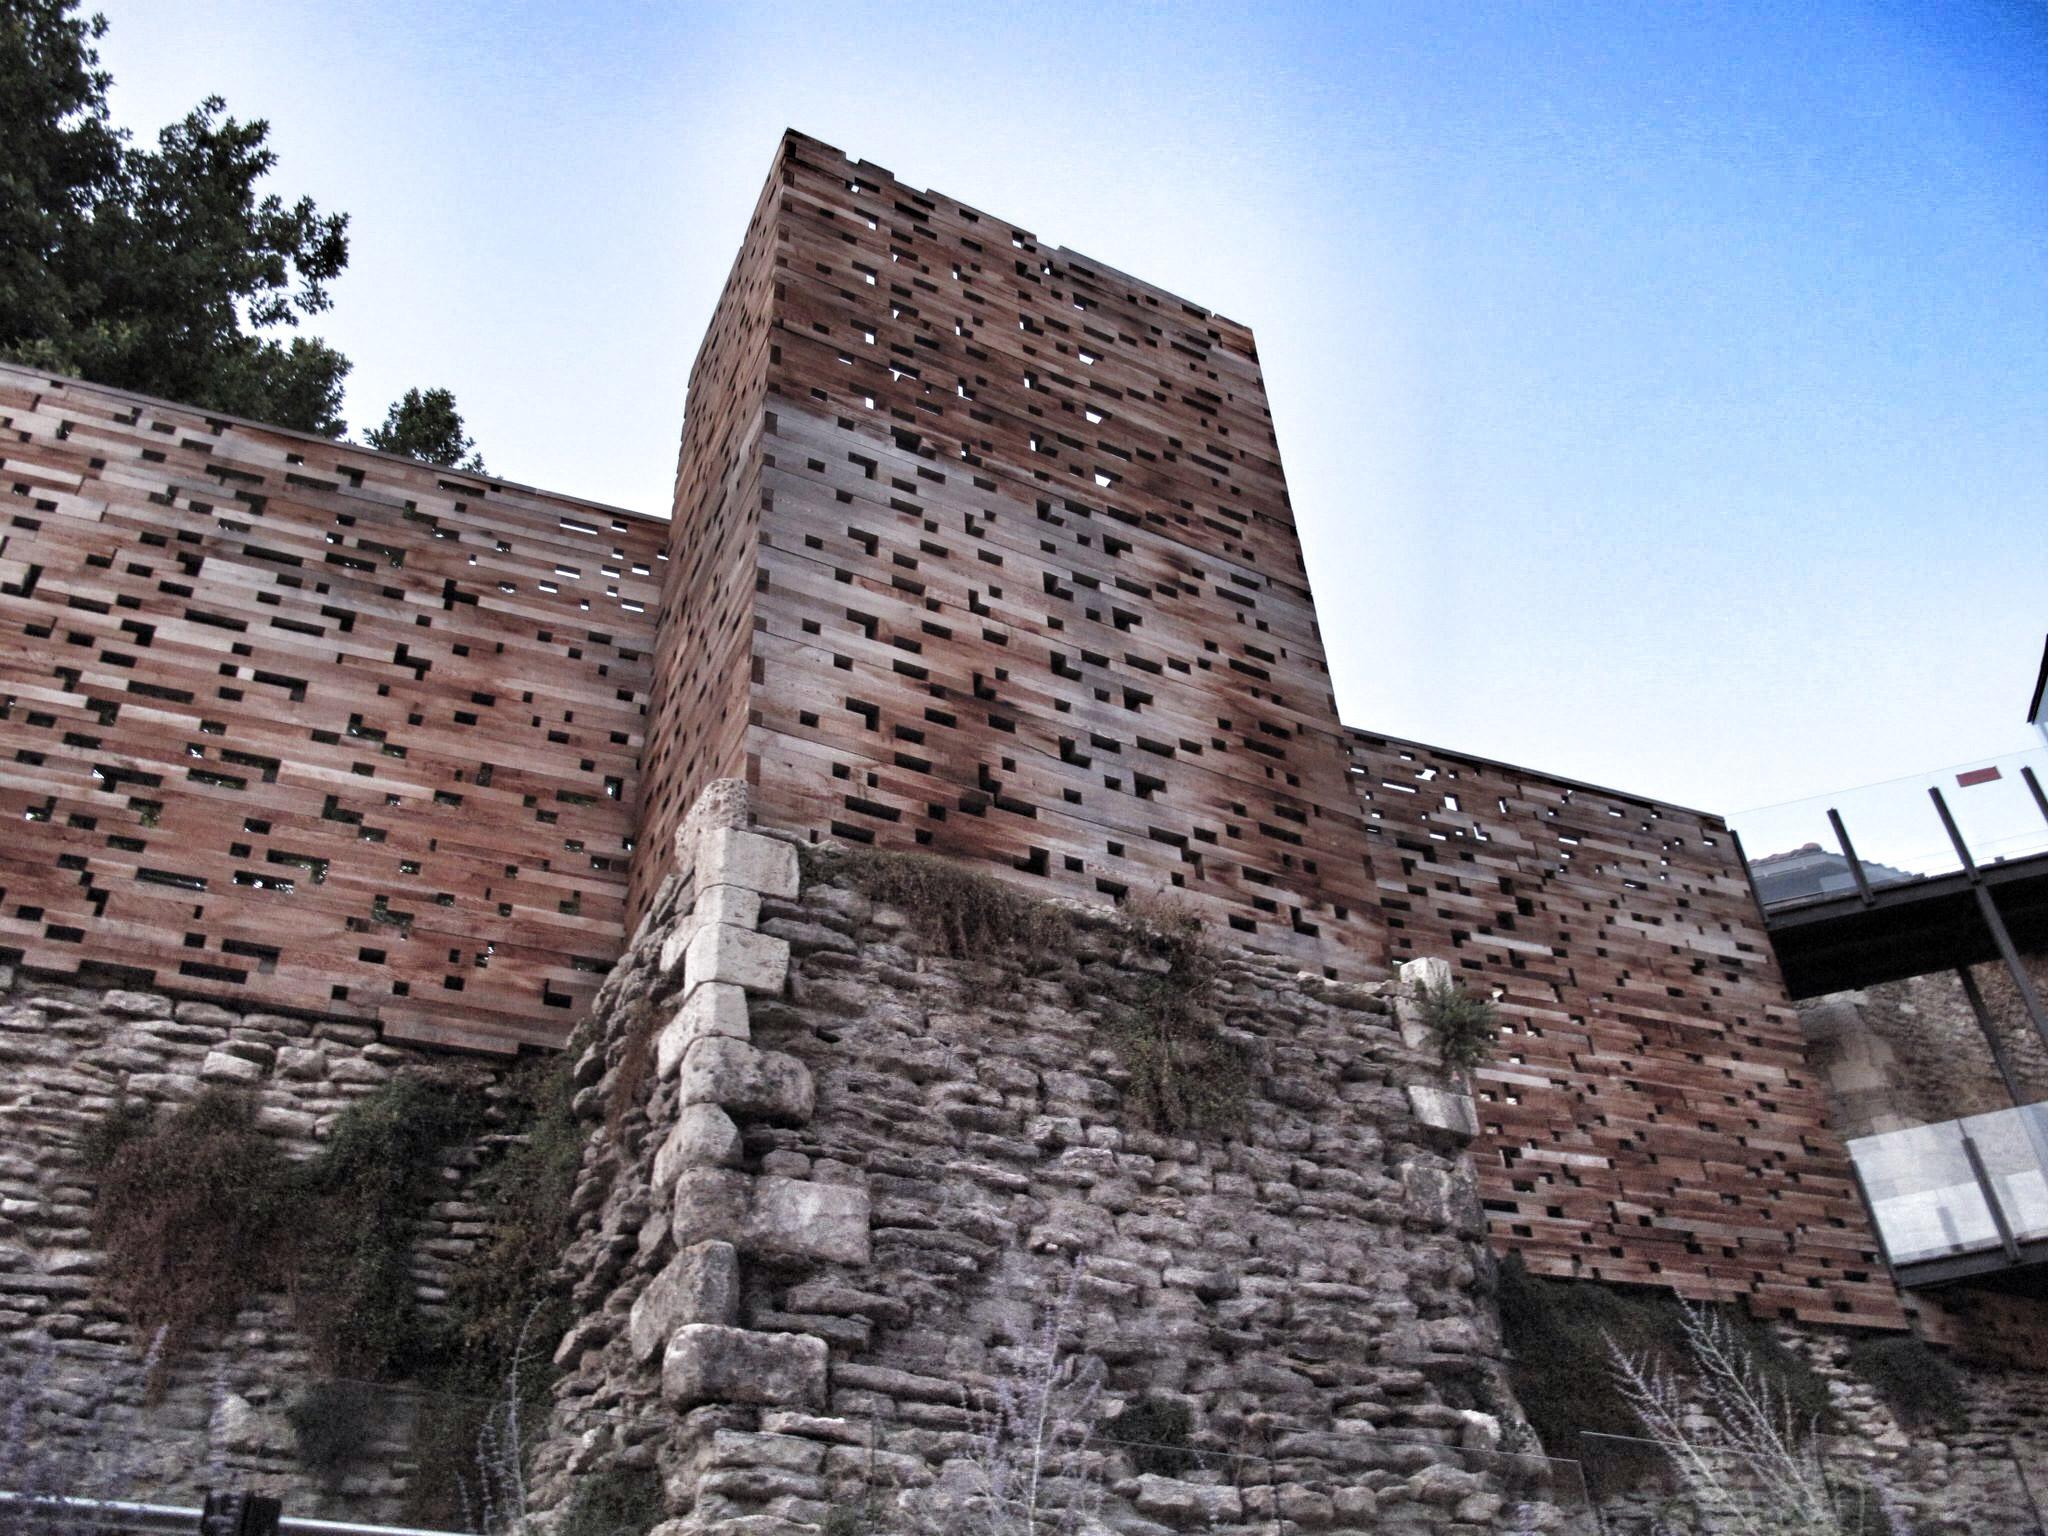 muralla vitoria_restauracion_cedro rojo_madera